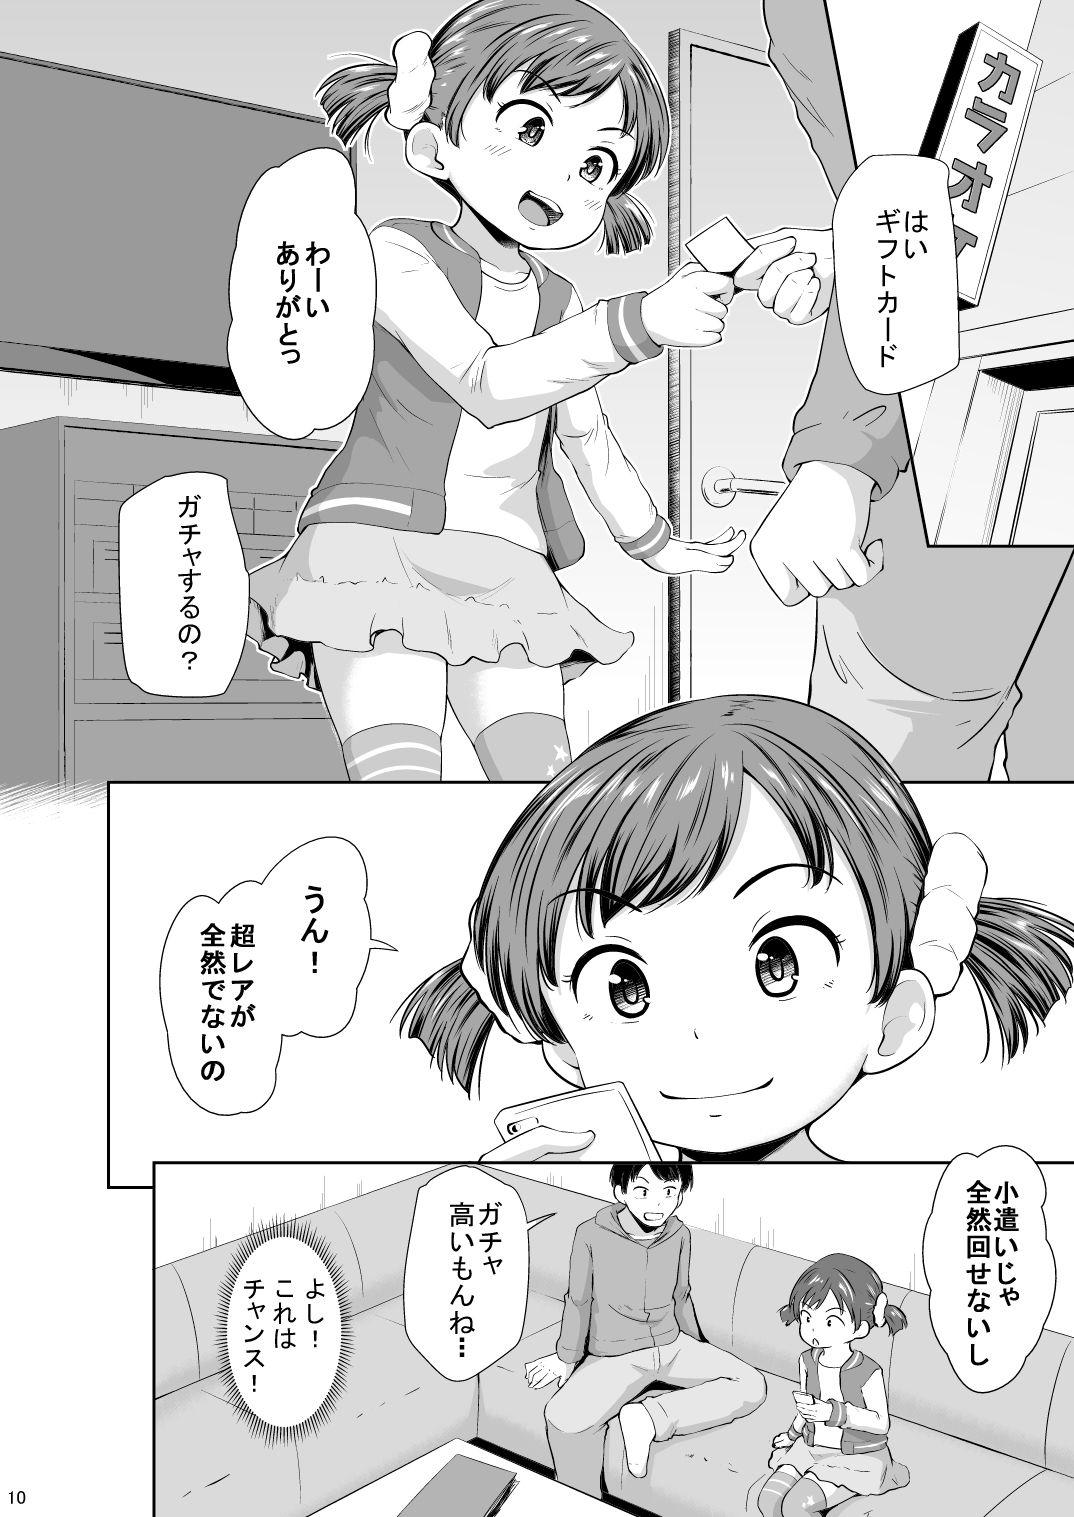 【エロ漫画無料大全集】スマホゲーに夢中な女の子とエッチなことするためにこんなことしてみたwww